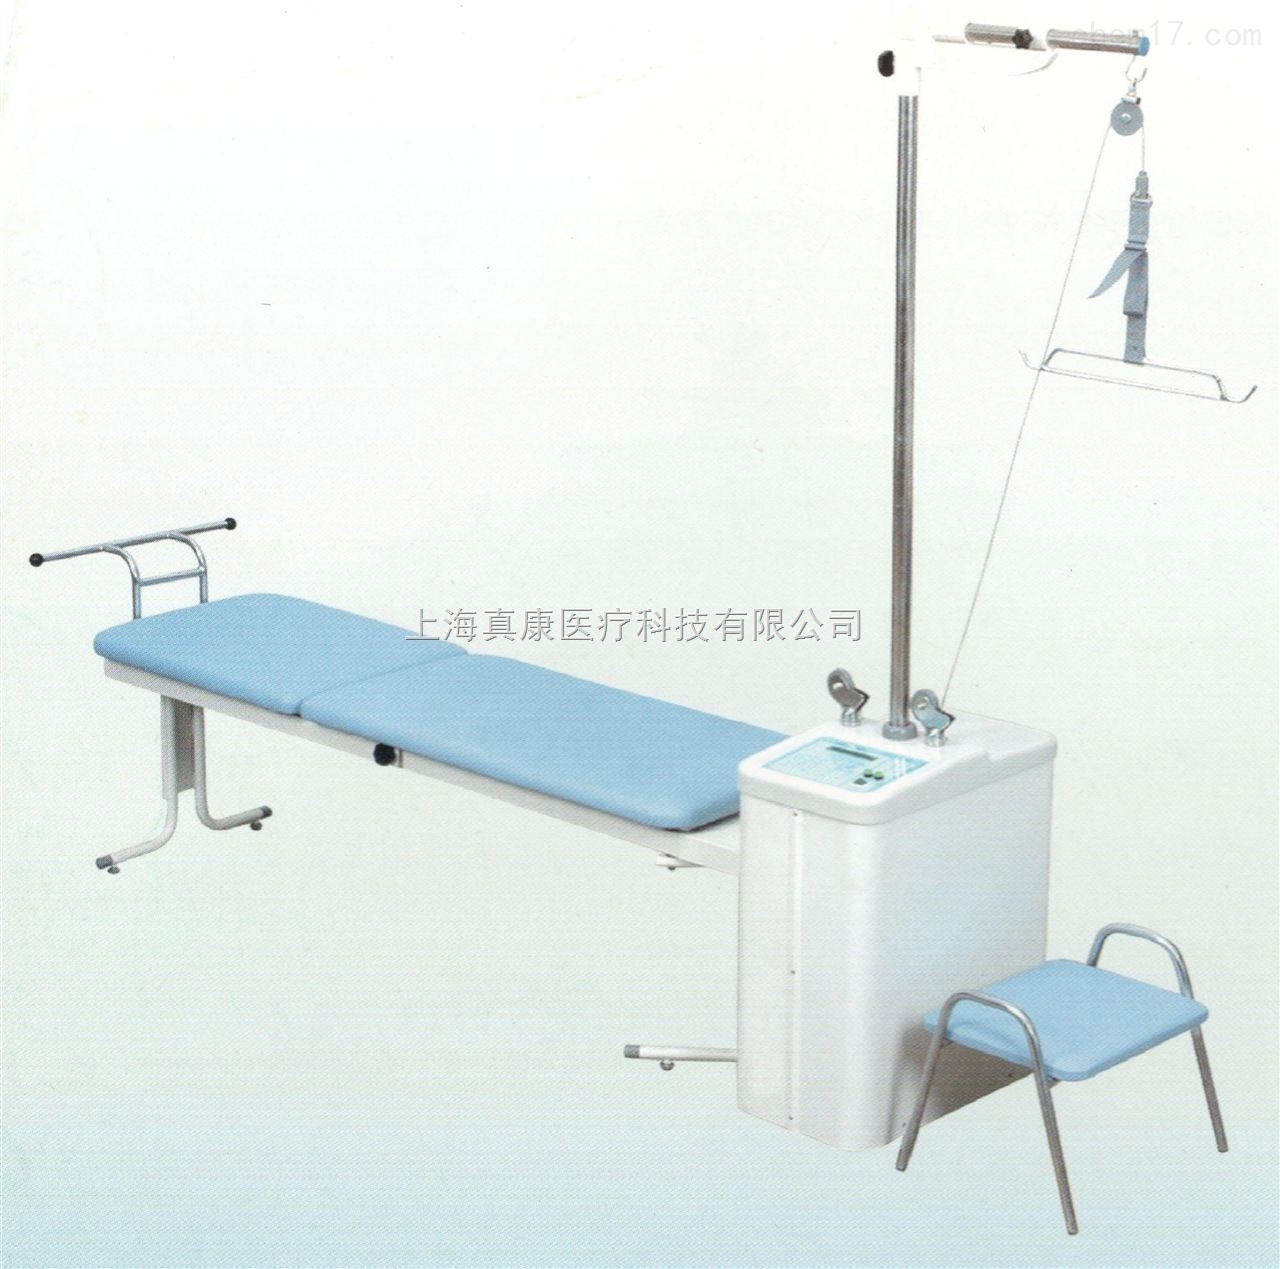 脊柱牵引康复床 (理疗设备)